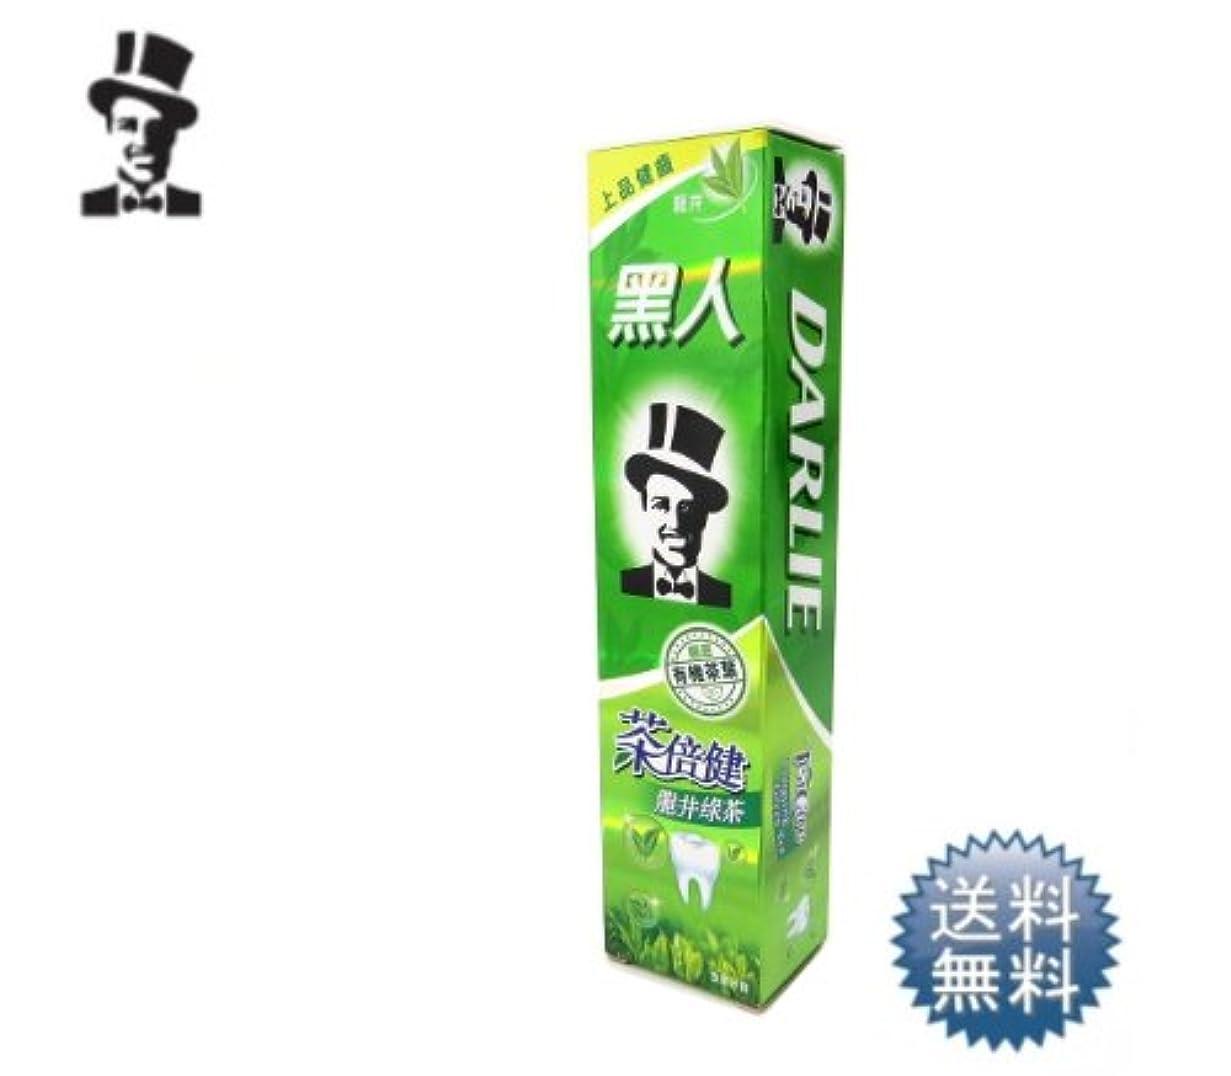 クモ超えるその台湾 黒人 茶倍健牙膏 160g